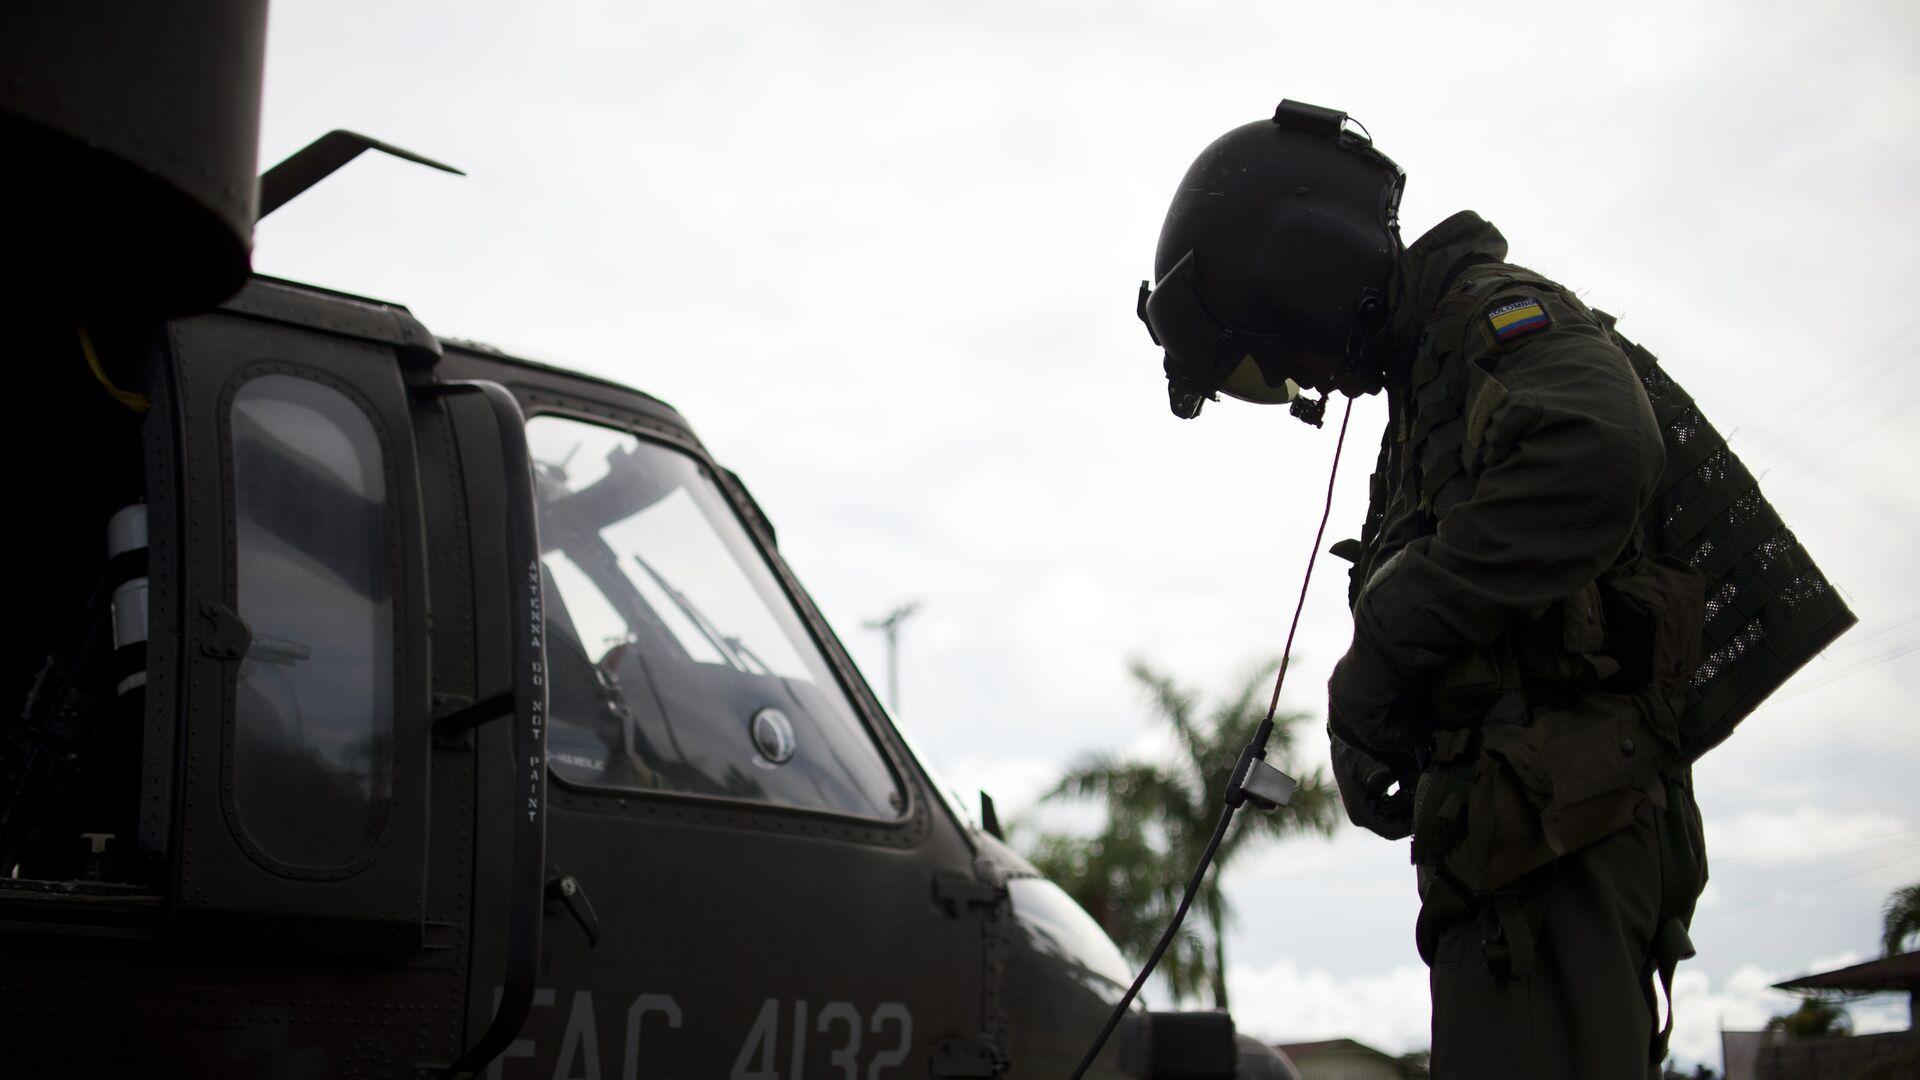 Presidente de Colombia confirma atentado con coche bomba en batallón del Ejército